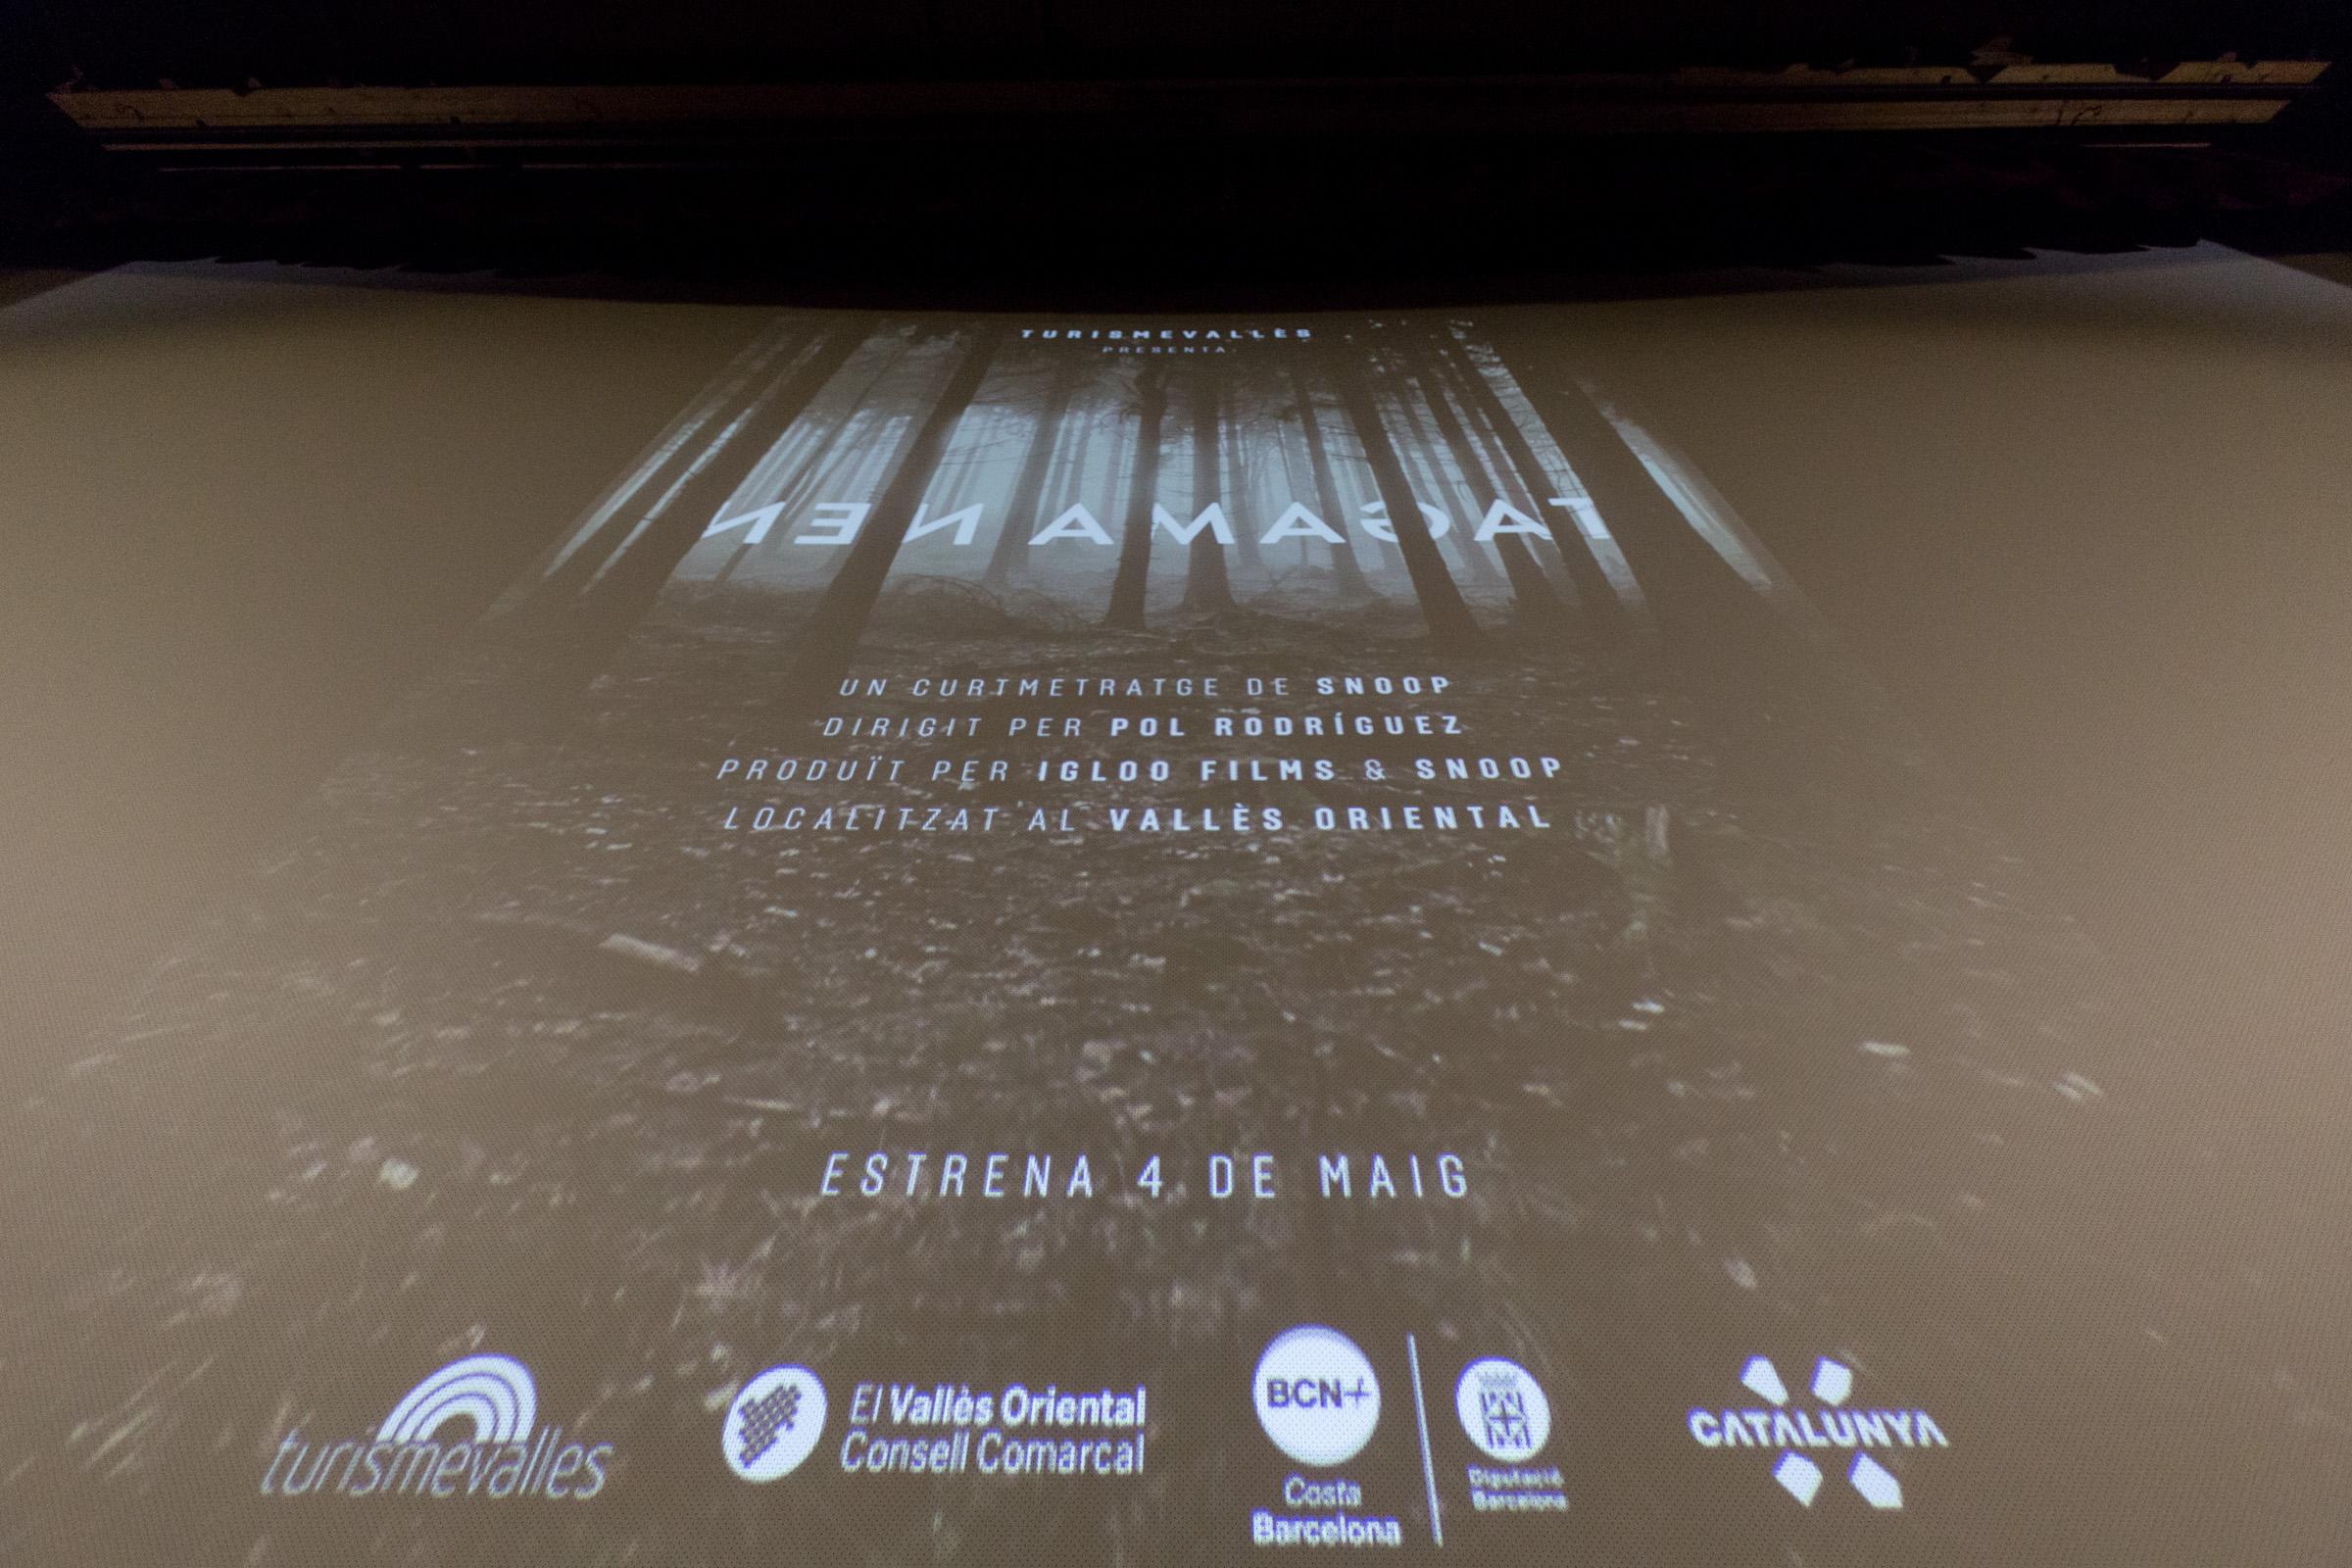 Nen Amagat, curtmetratge de promoció turística del Vallès Oriental